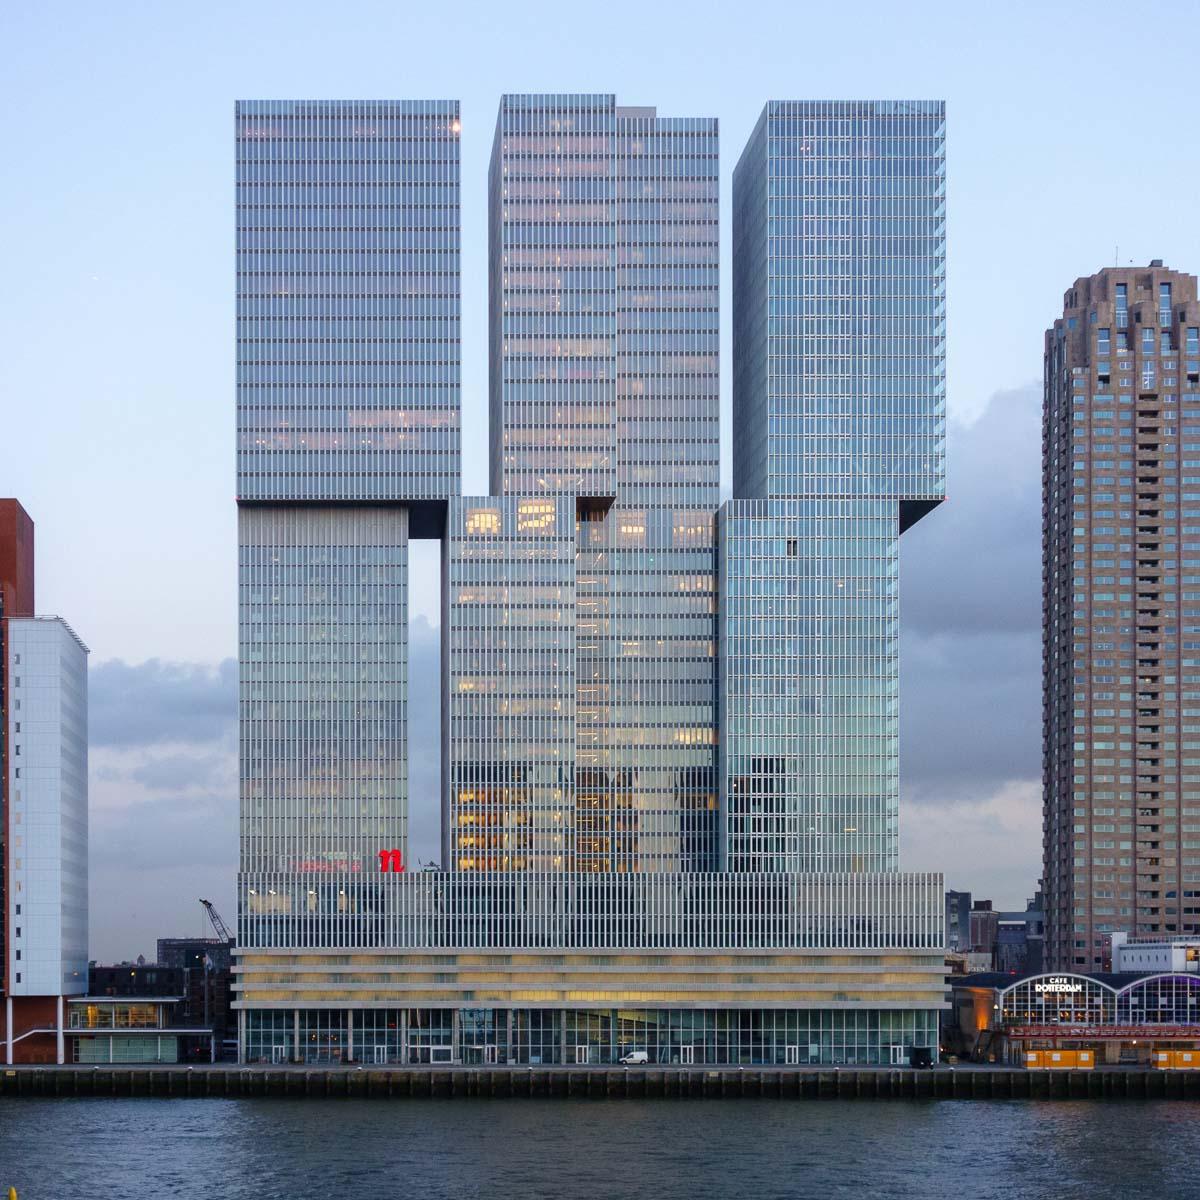 OMA - De Rotterdam